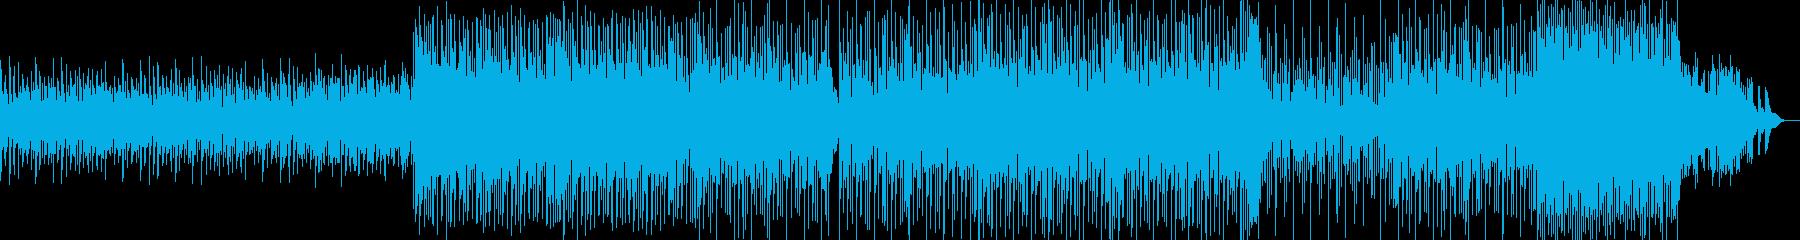 テンションビルダー、クライマックス...の再生済みの波形